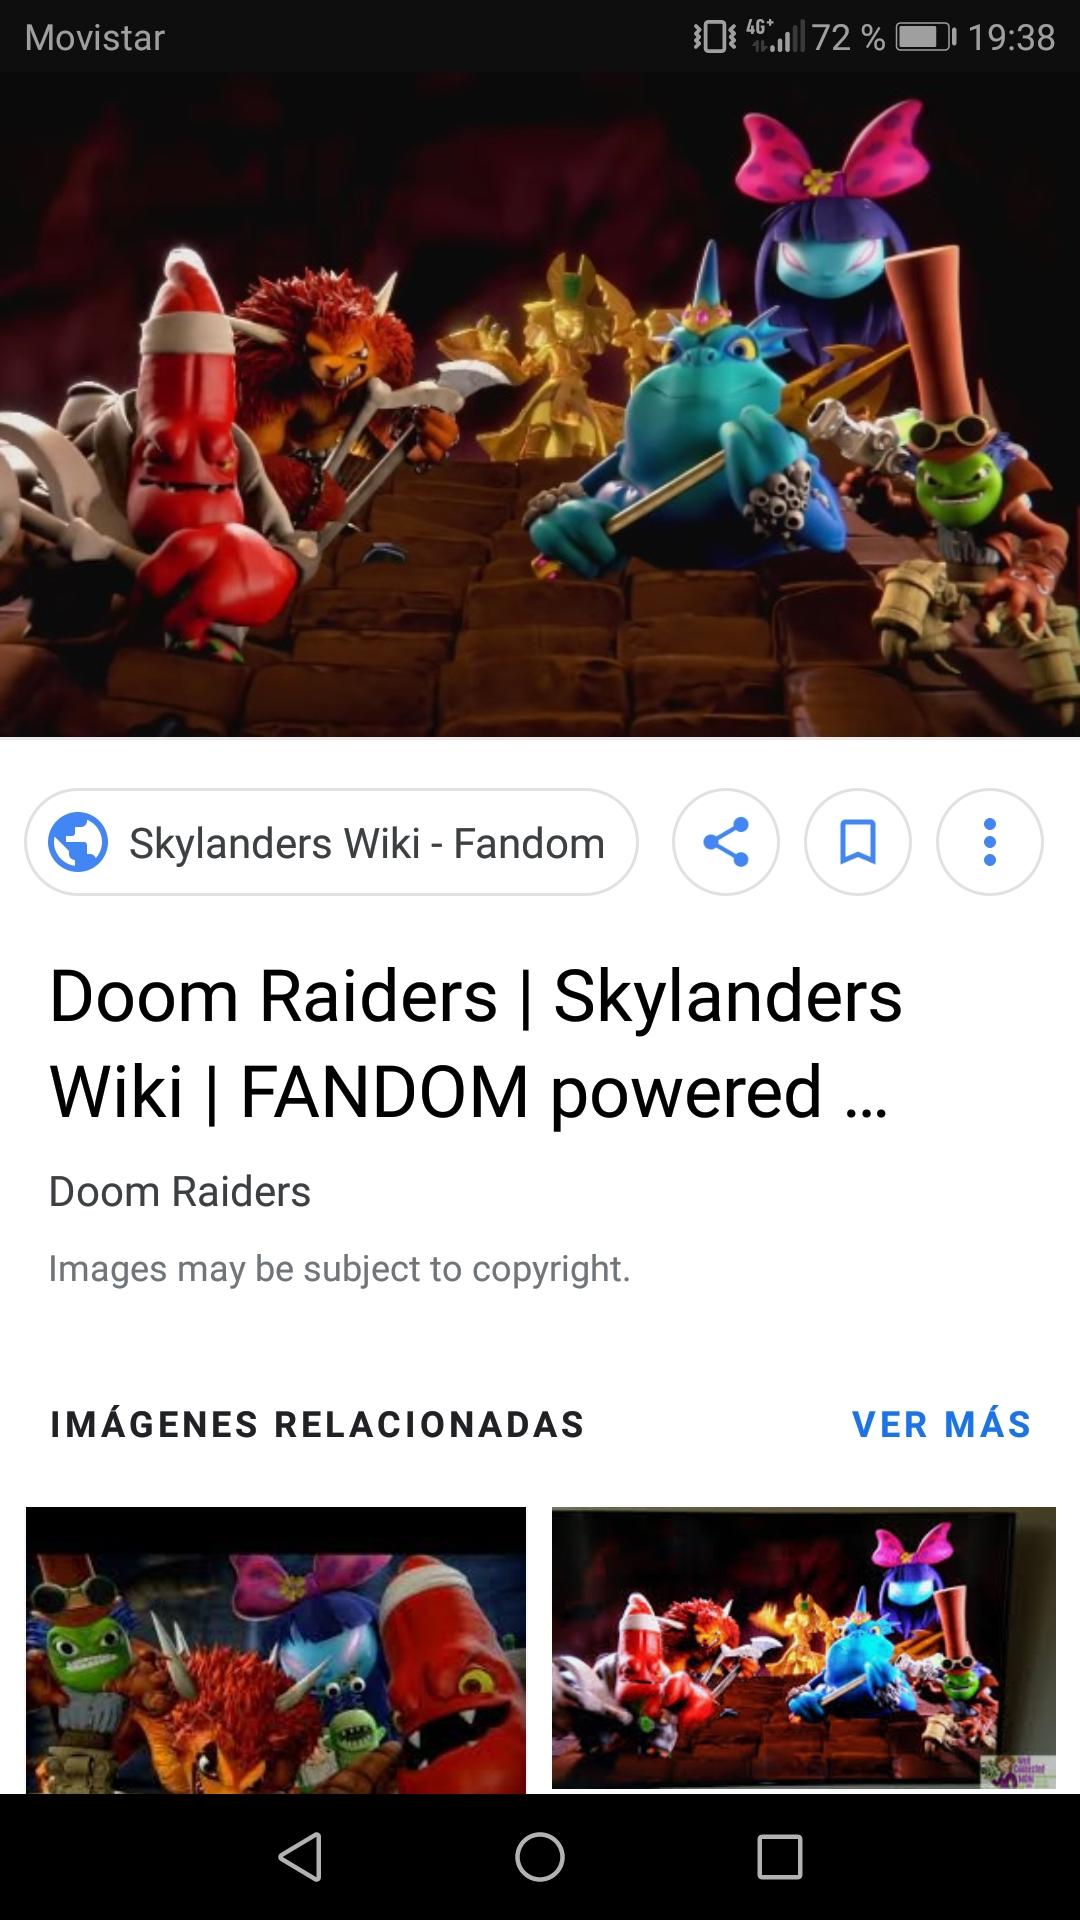 Porque los villanos están de Skylanders en imaginators?